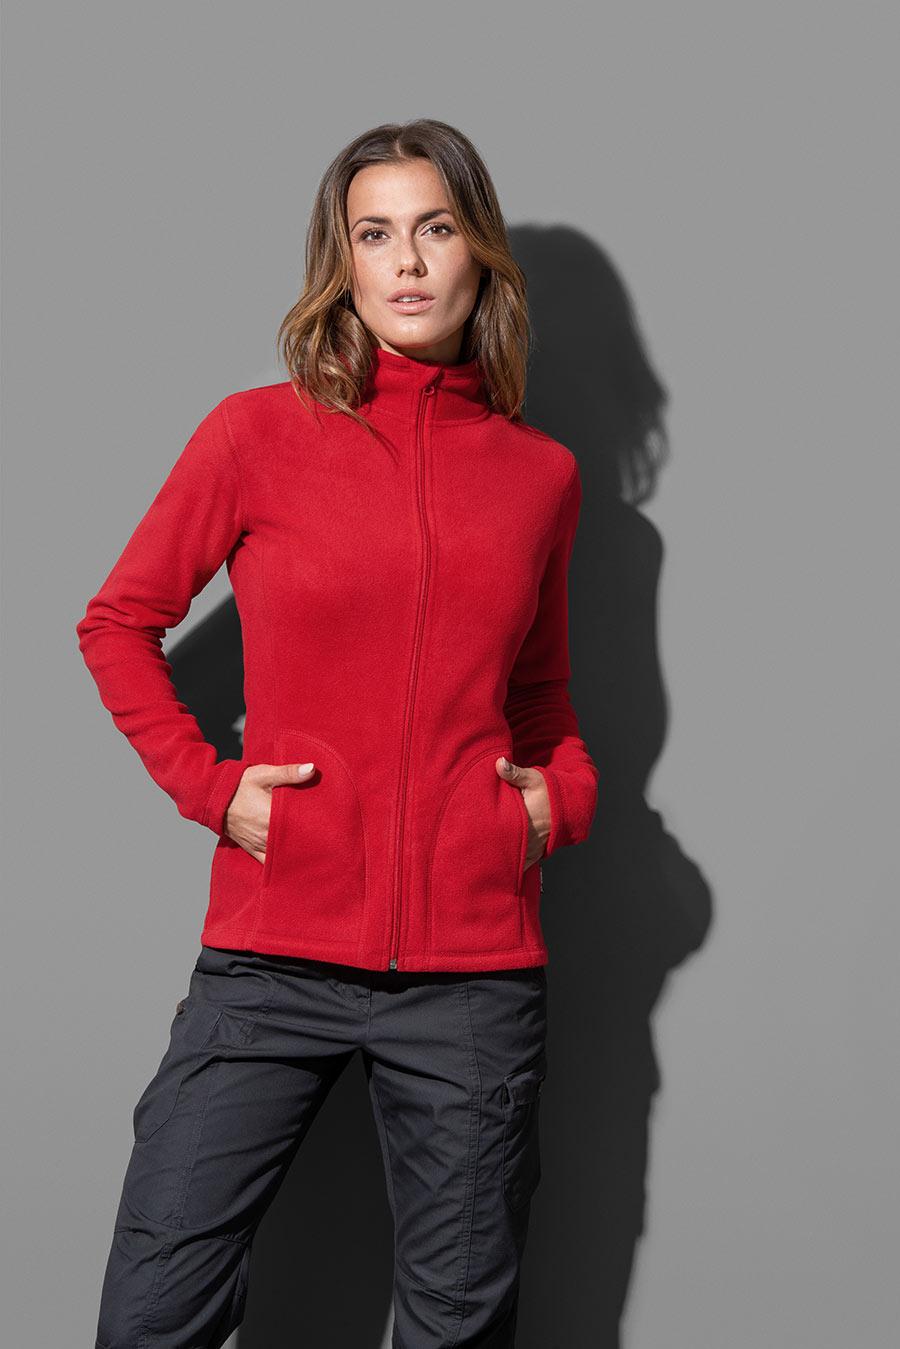 Stedman ST5100 Fleece Jacket